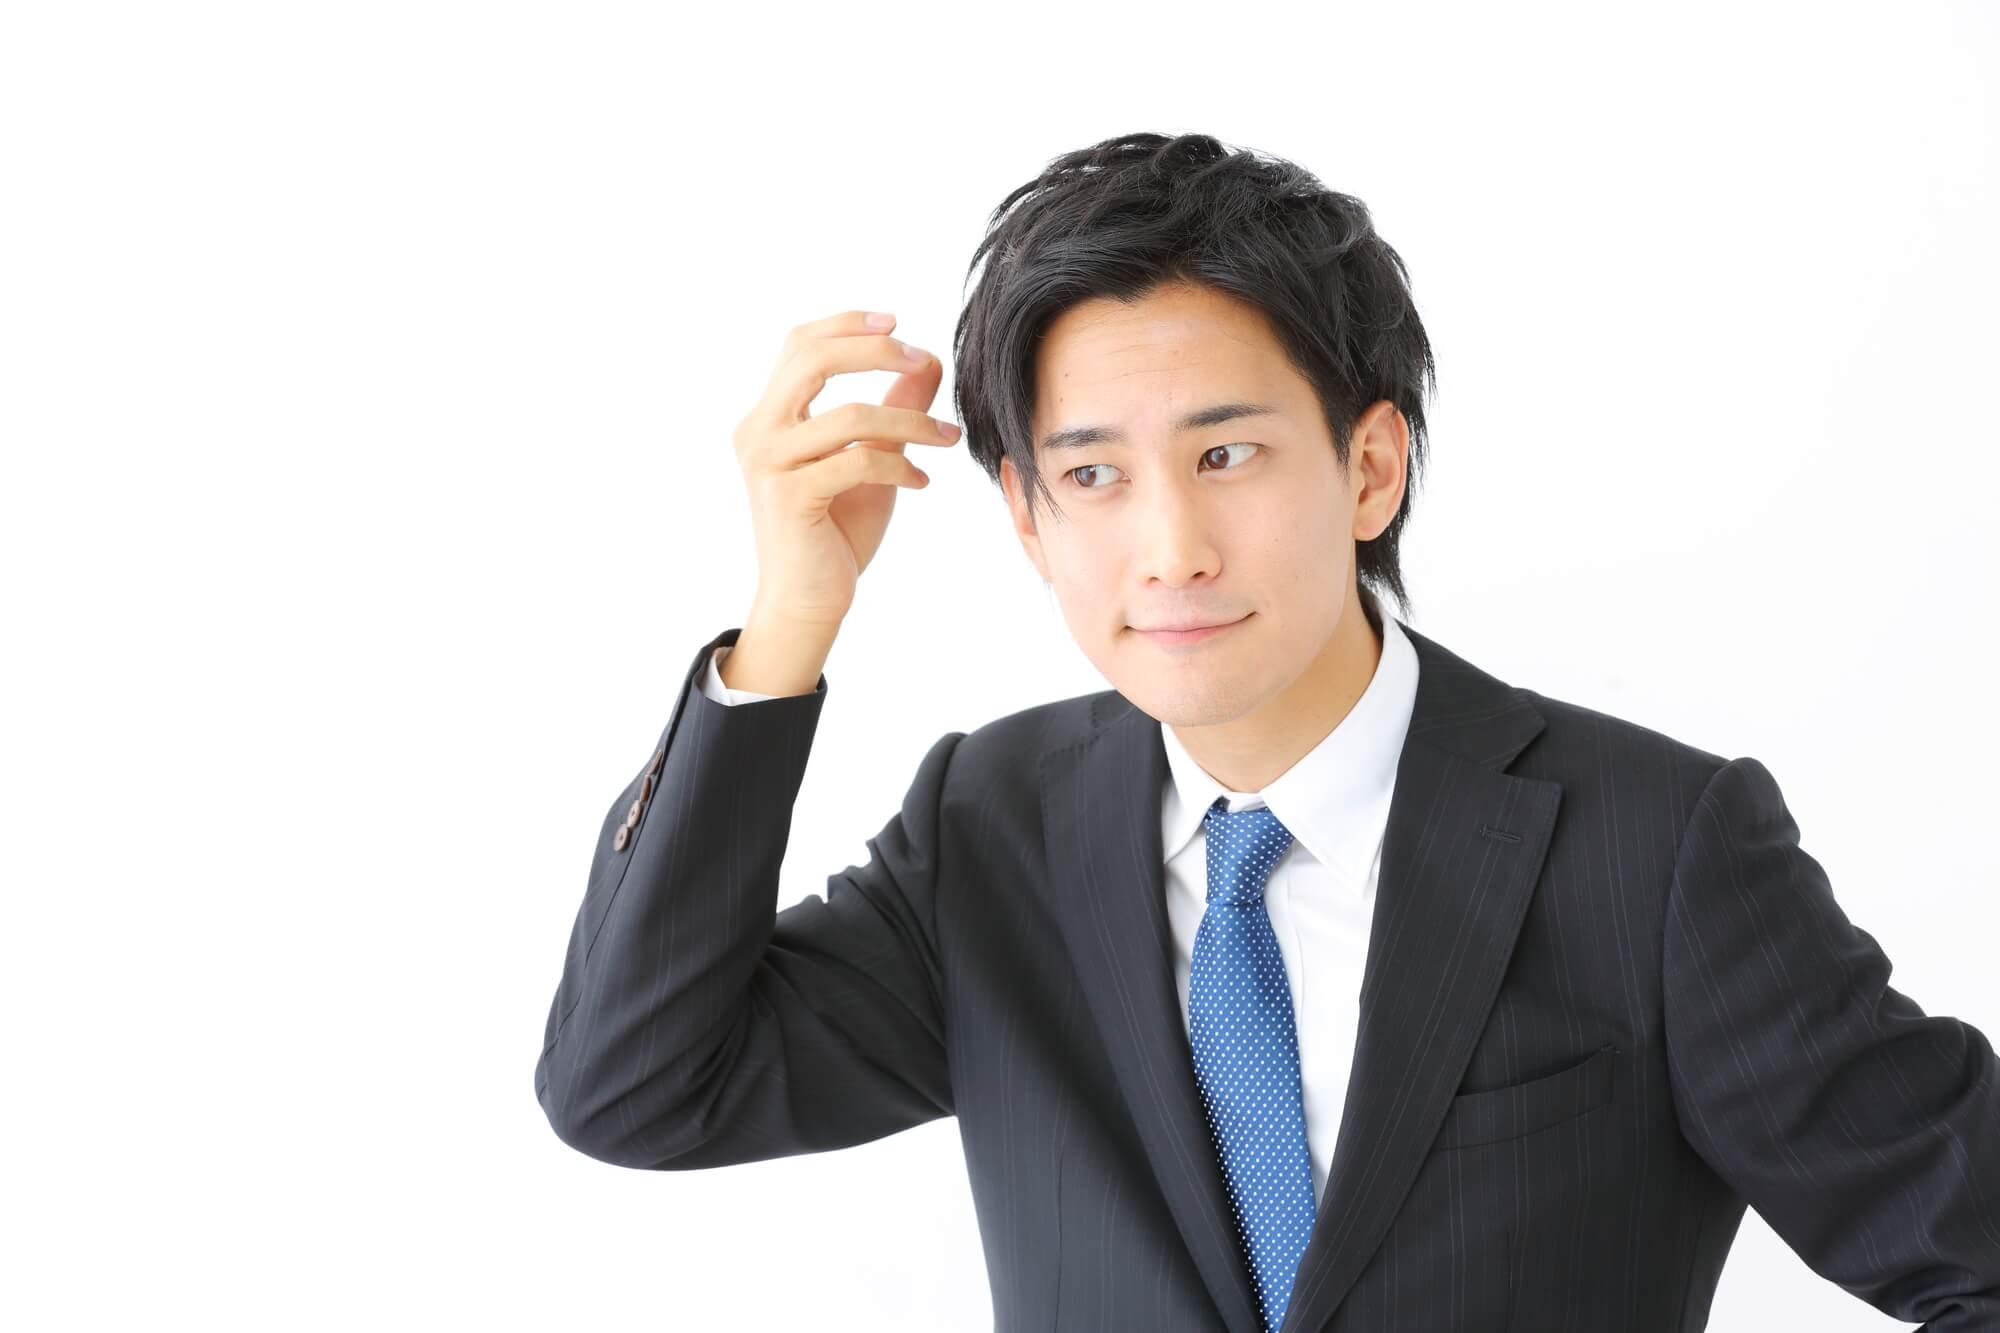 髪型をセットする男性